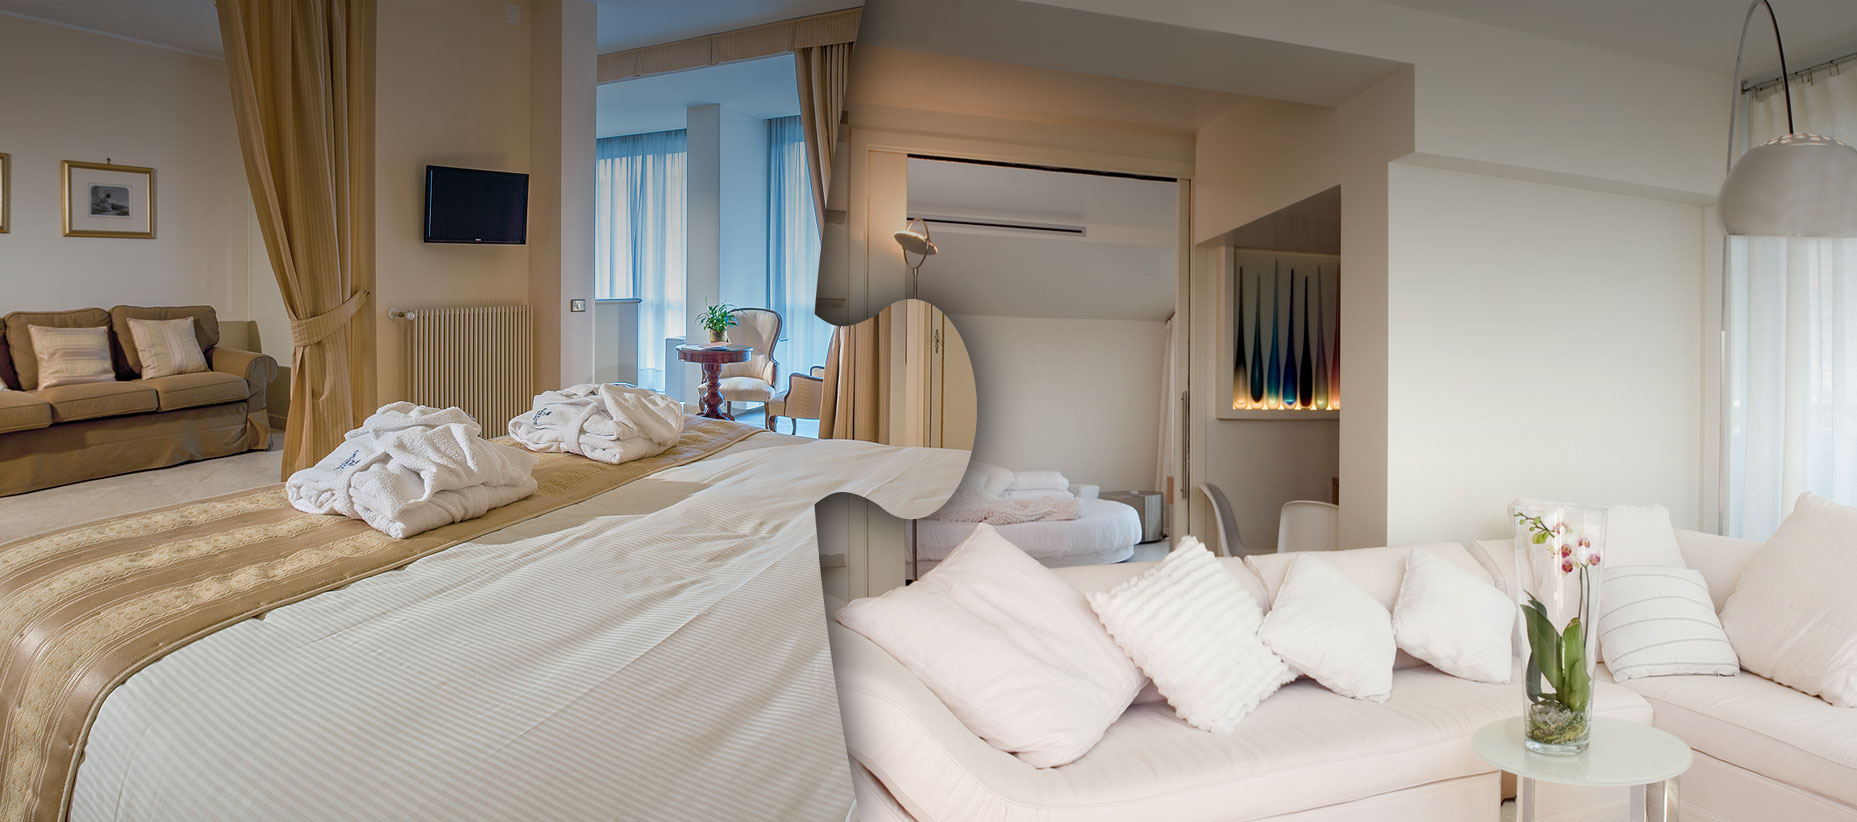 Zimmer & Suiten - AbanoRitz SPA Hotel